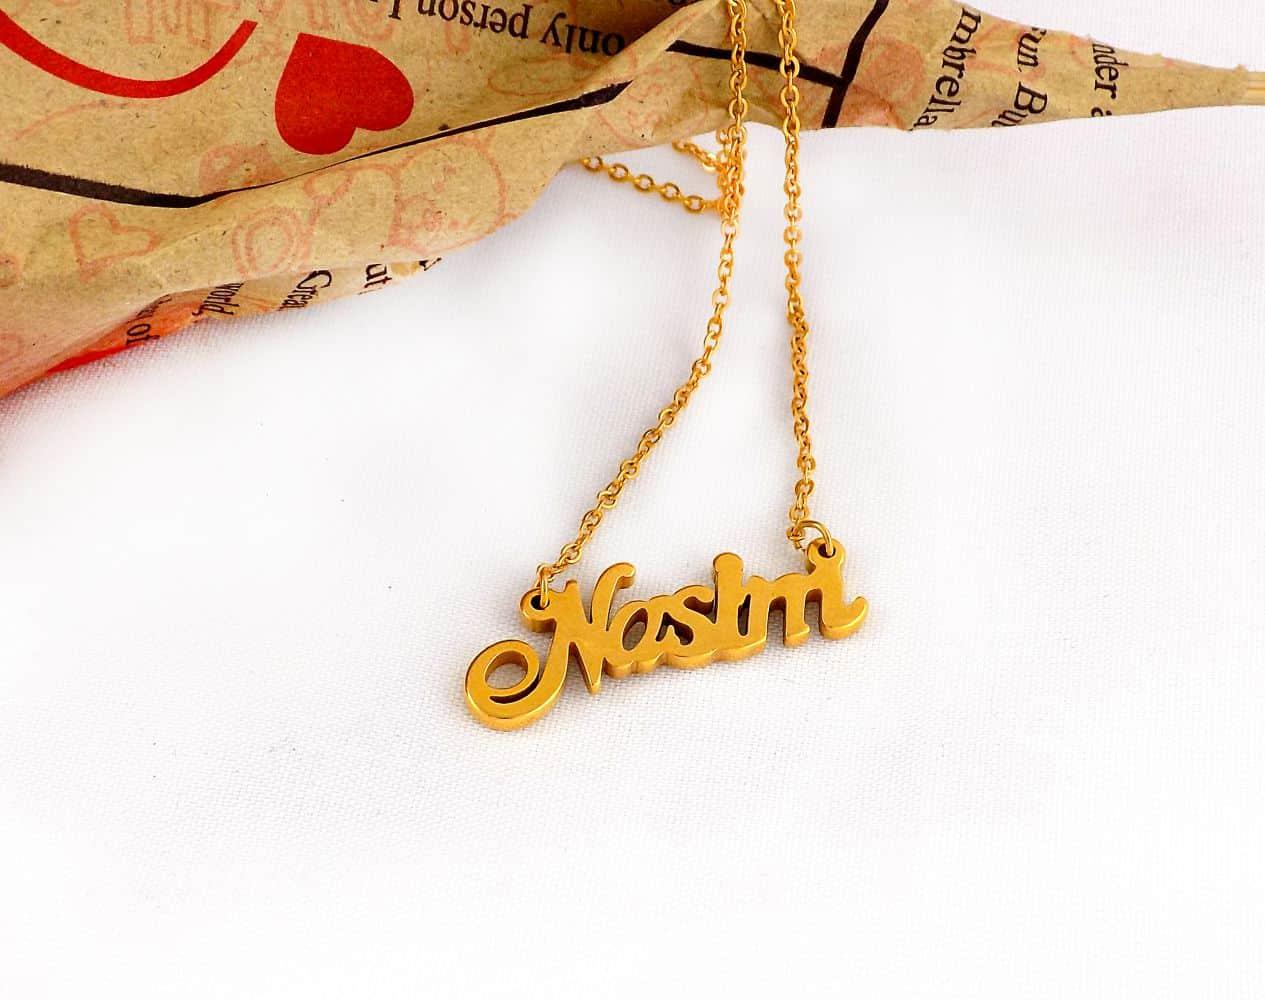 گردنبند اسم استیل نسیم با روکش آب طلای 18 عیار و زنجیر 22 سانتی nw-n124